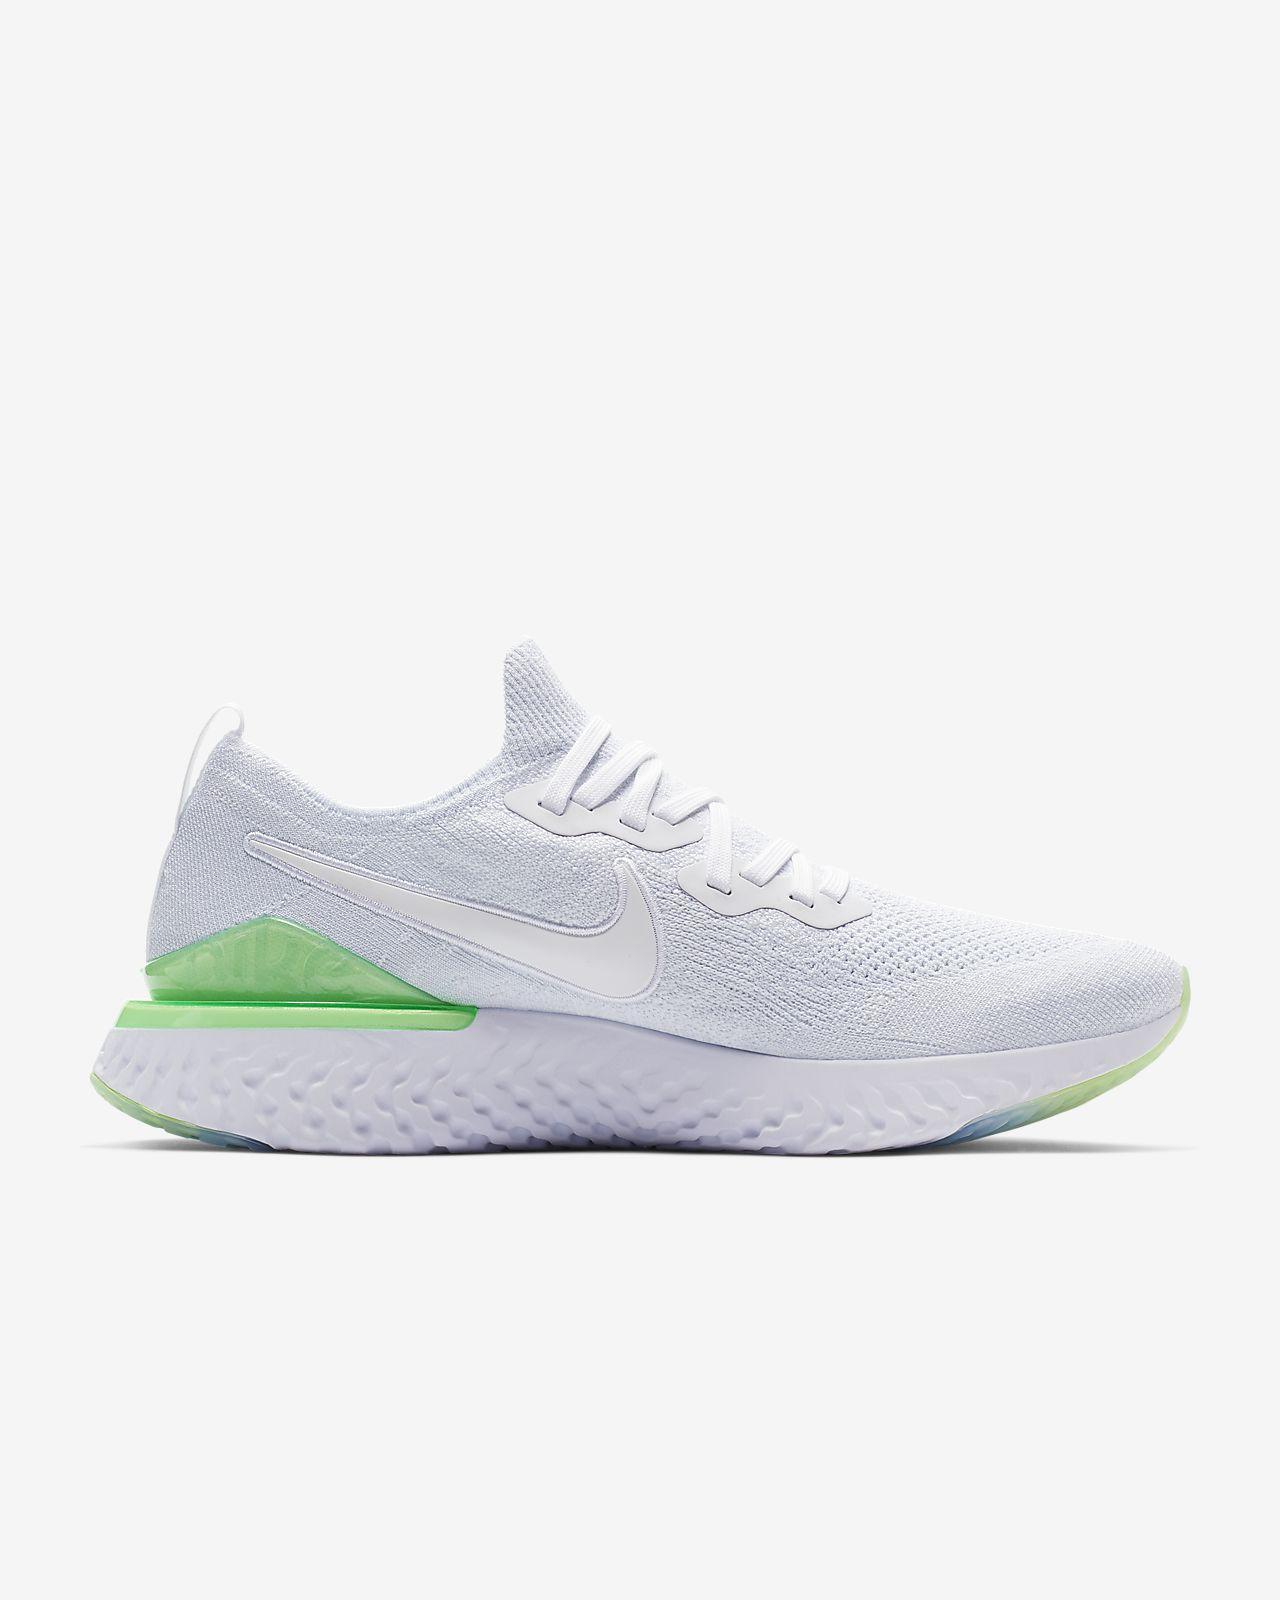 295c128d27333 Nike Epic React Flyknit 2 Men s Running Shoe. Nike.com BE